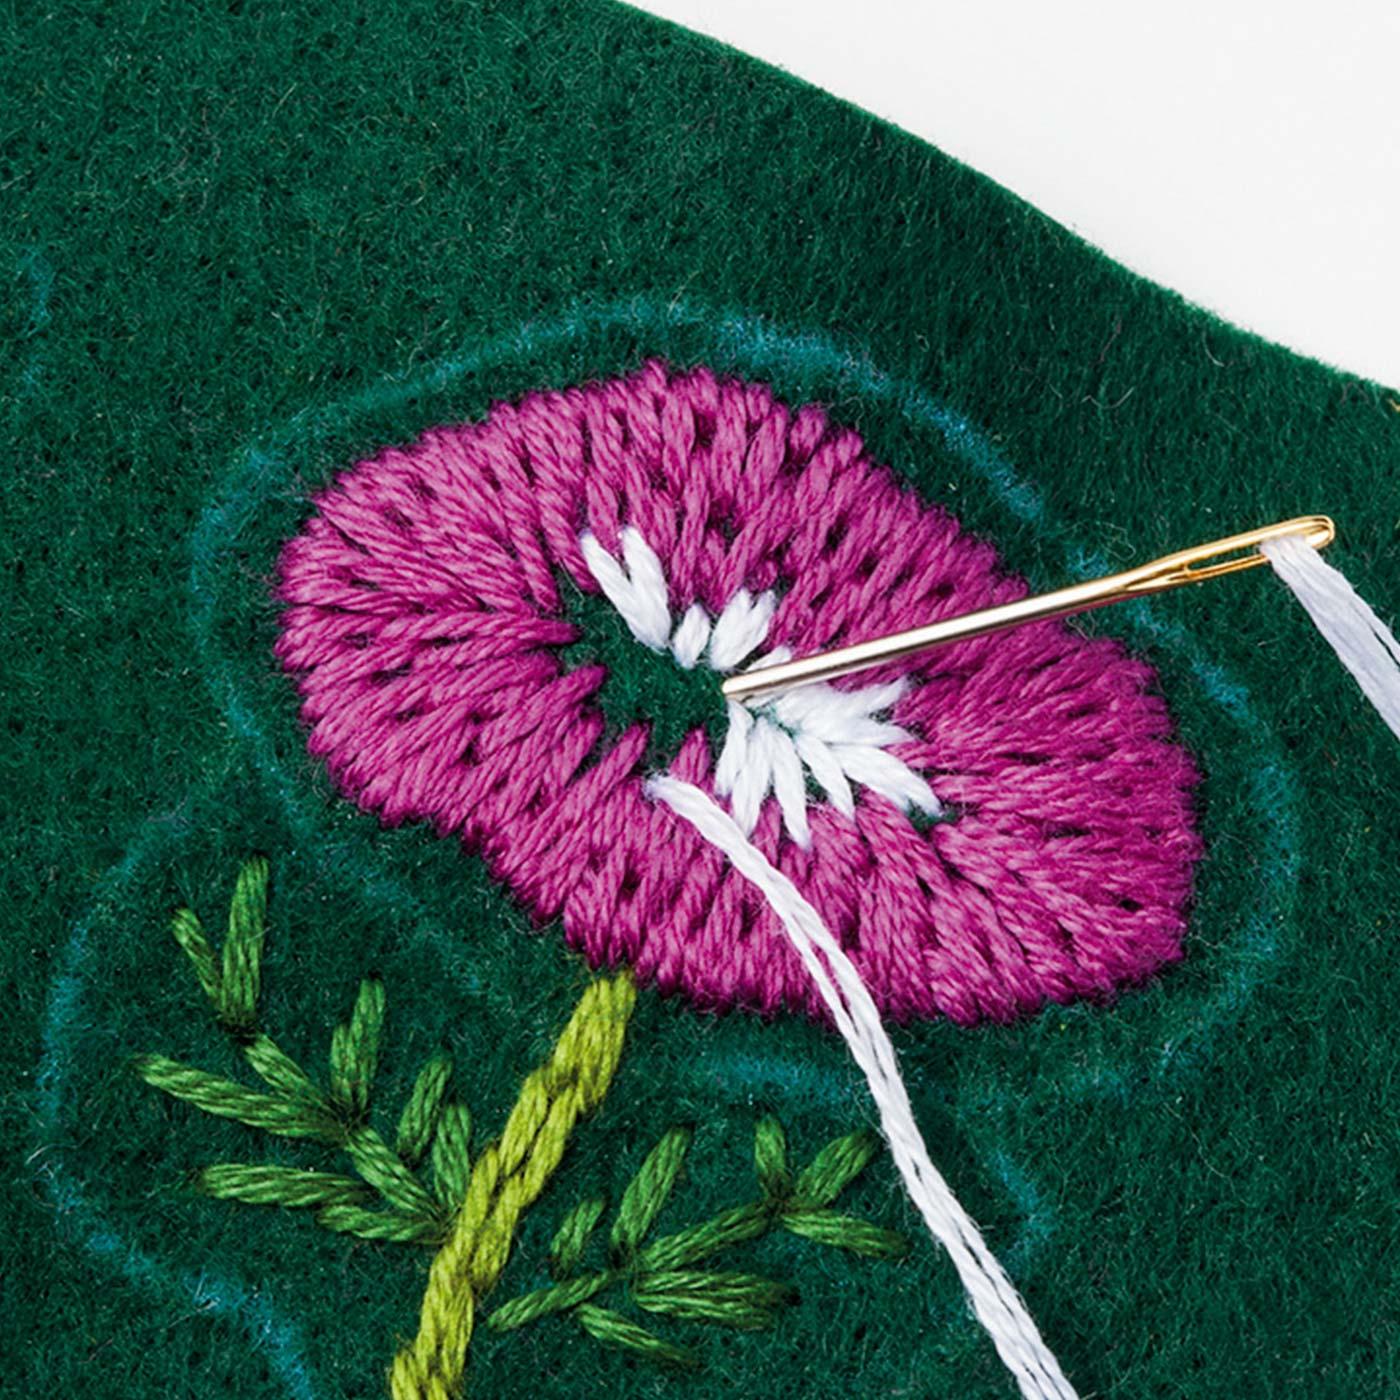 [フリーステッチ]基本的なステッチを練習しながら、フェルトに刺しゅうしていきます。図案はプリント済み。2色のお花が作れます。